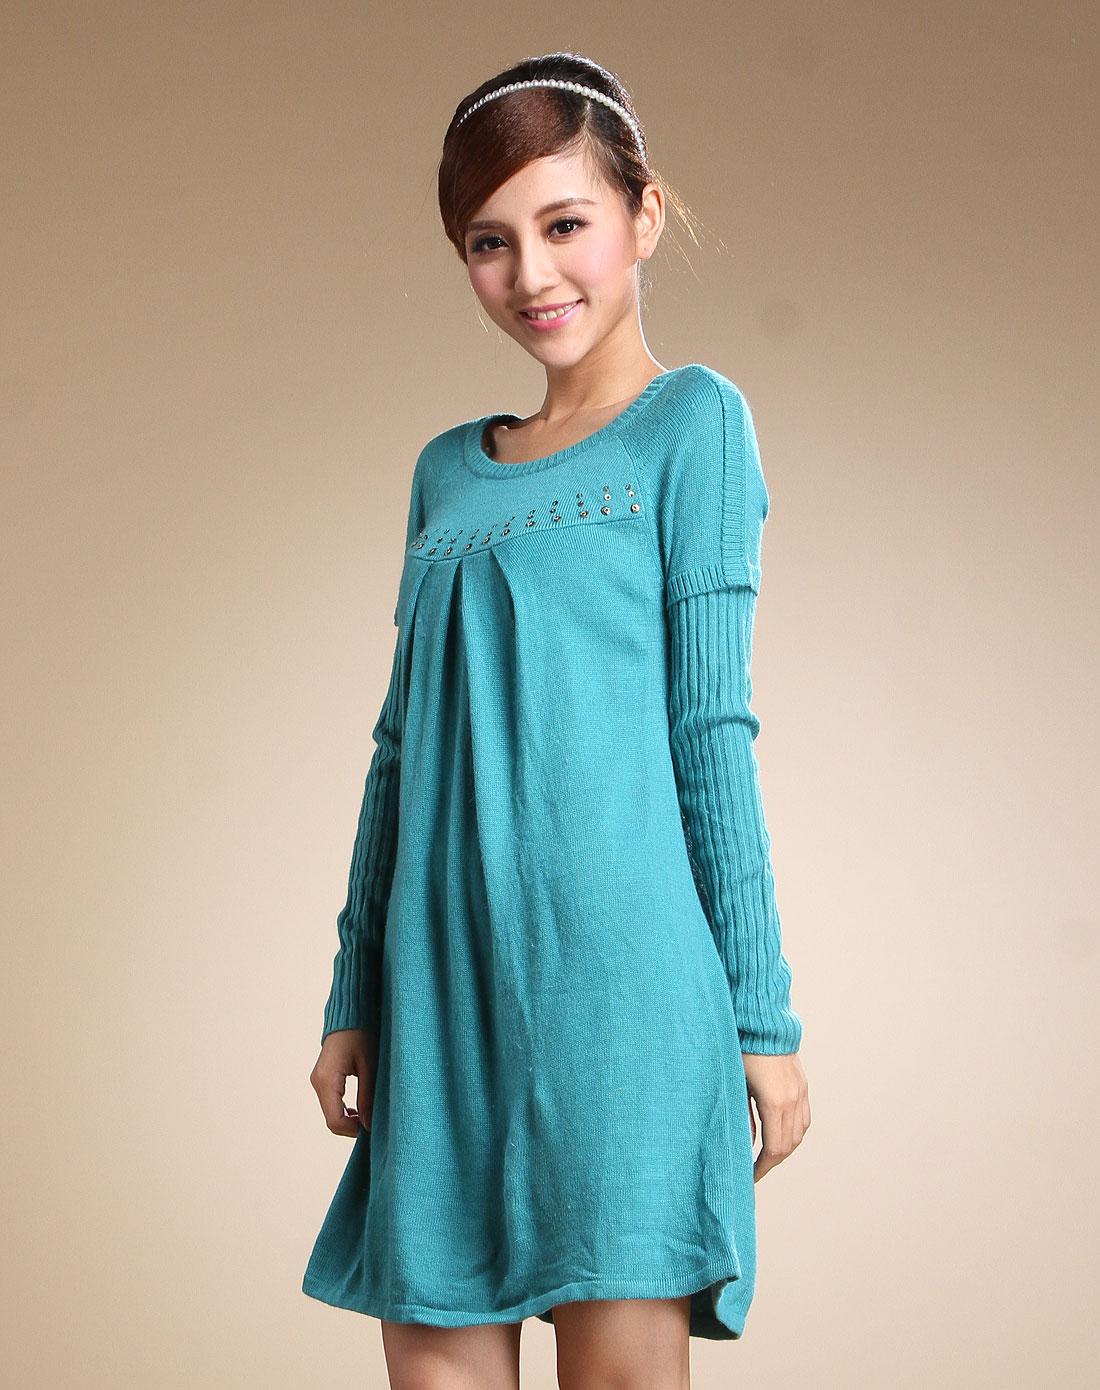 我爱露露lulualways蓝绿色休闲简约长袖针织连衣裙